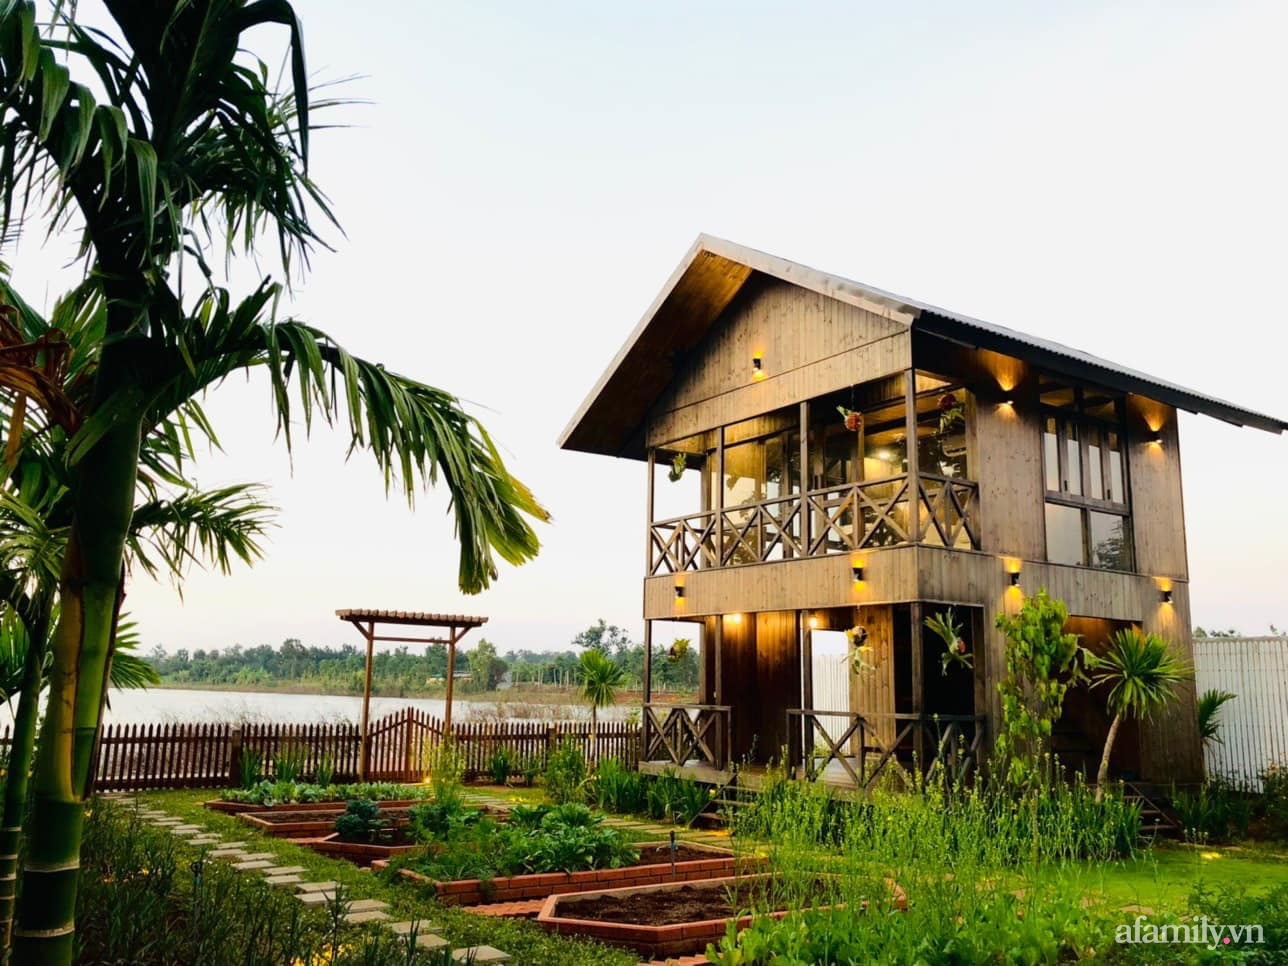 Căn nhà gỗ bình yên hướng tầm nhìn ra hồ nước trong veo, thơ mộng ở Buôn Mê Thuột - Ảnh 6.